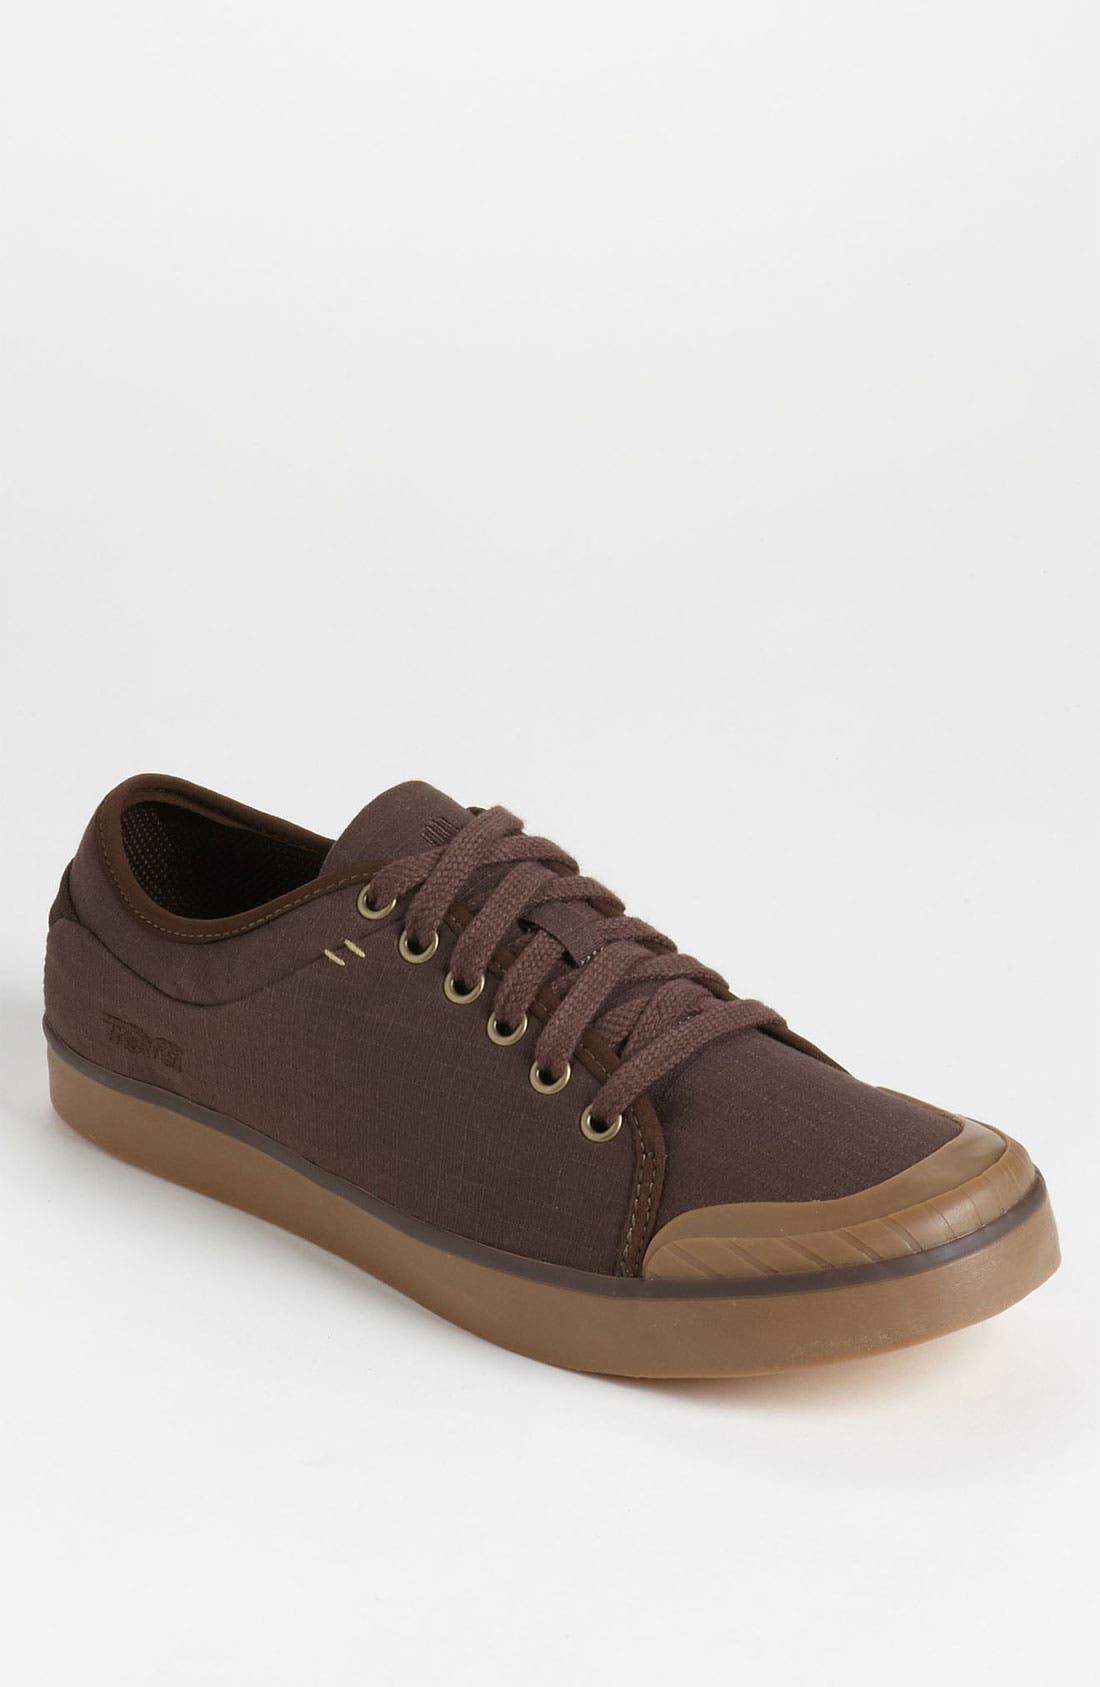 Main Image - Teva 'Joyride' Sneaker (Men)